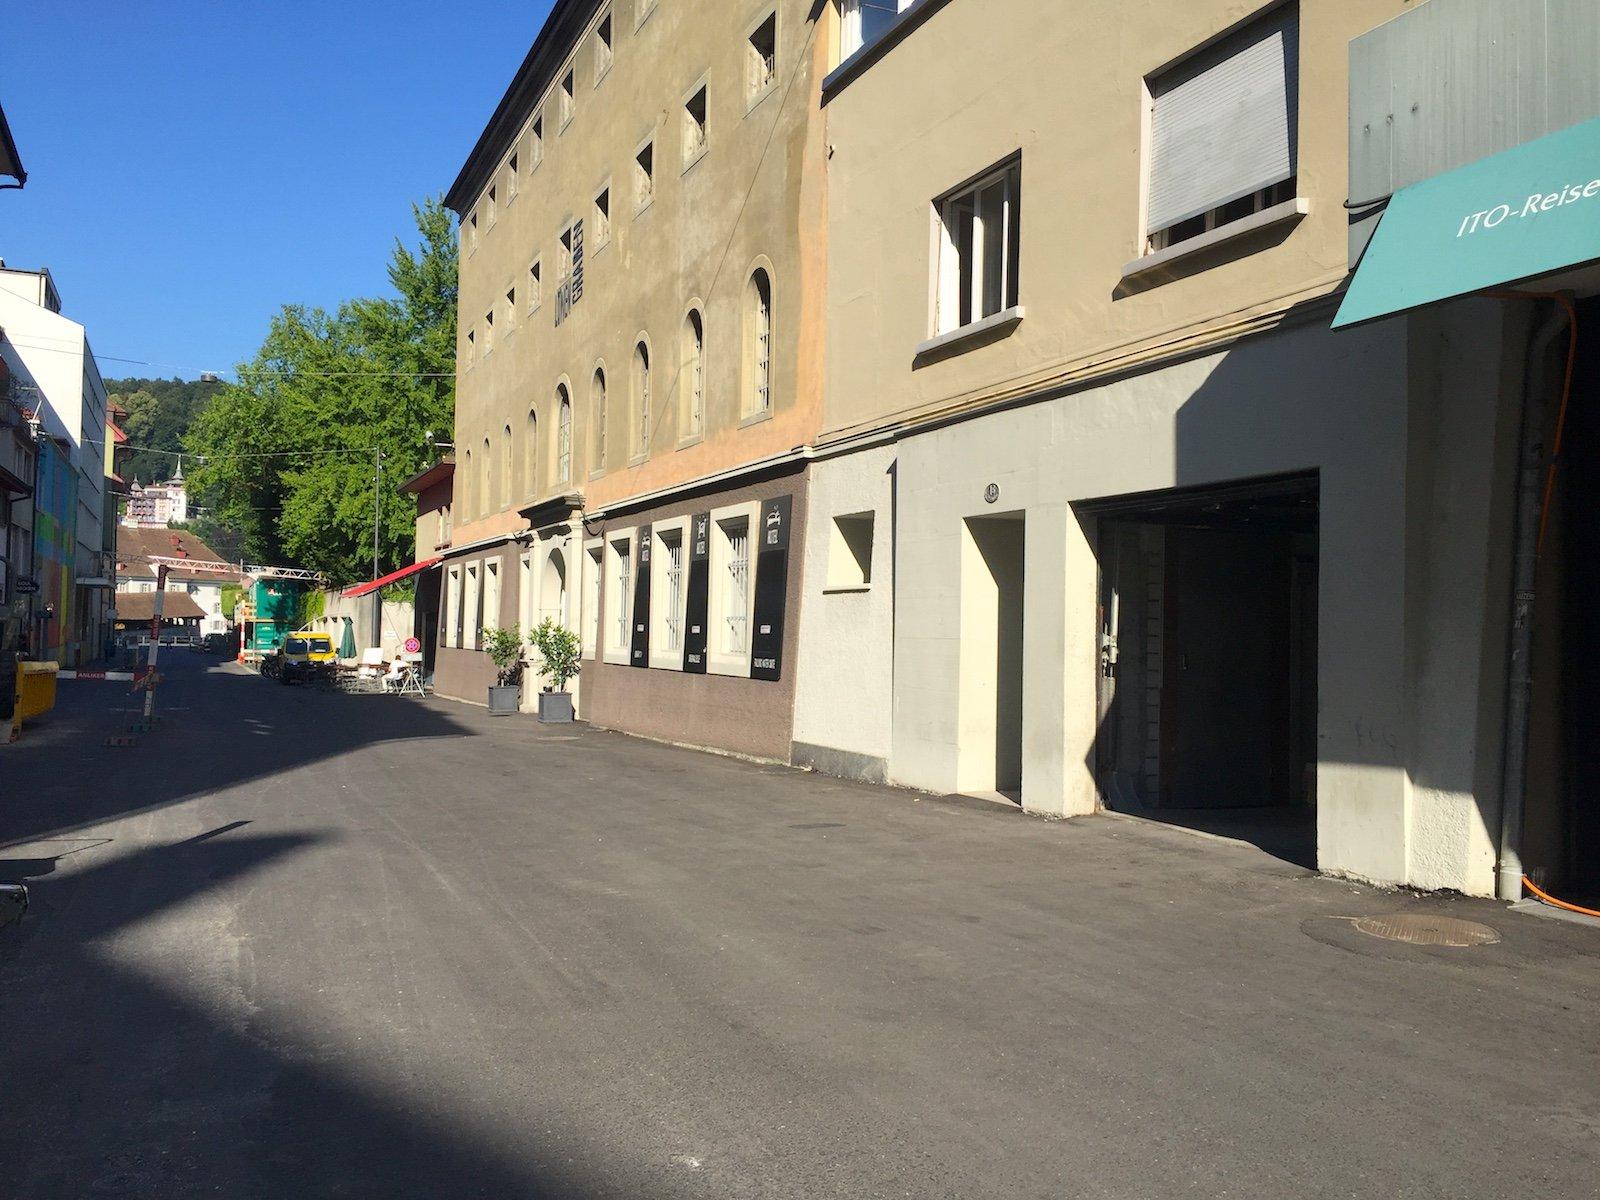 In der Garage neben dem Hotel Barabas ist eine neue Bar geplant, die im Sommer zum Strassencafé wird.